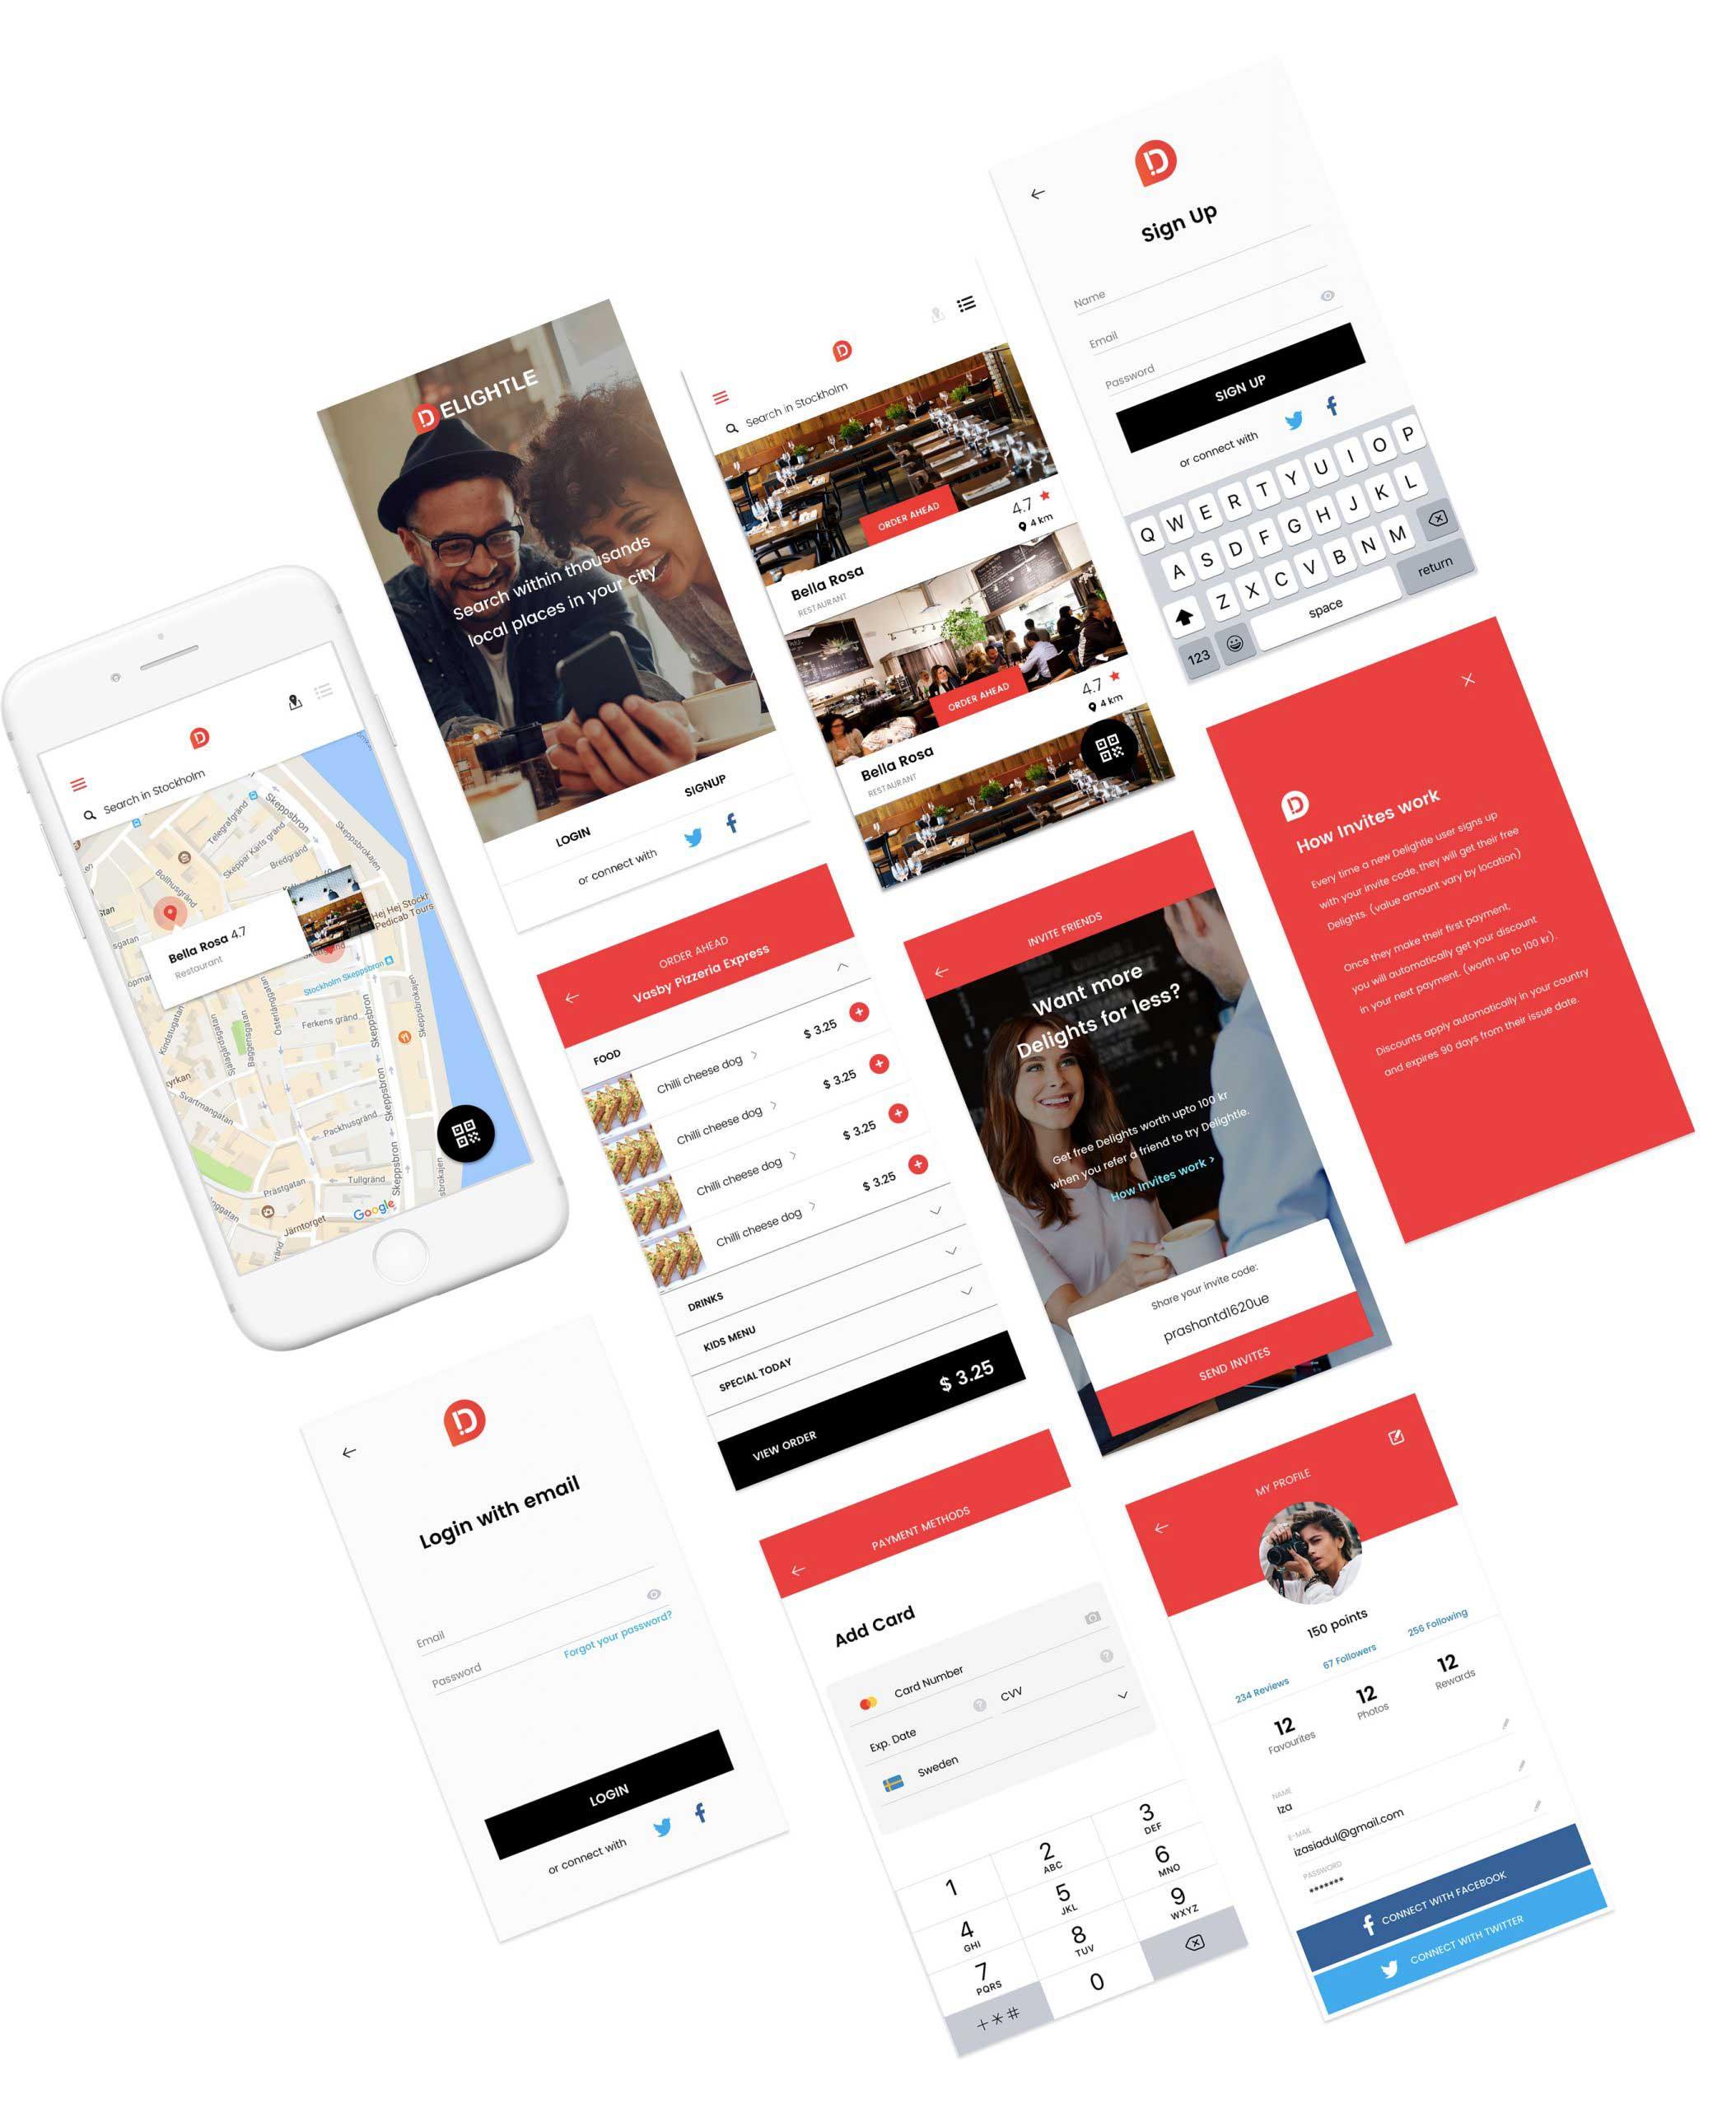 DELIGHTLE_mobile_app_full